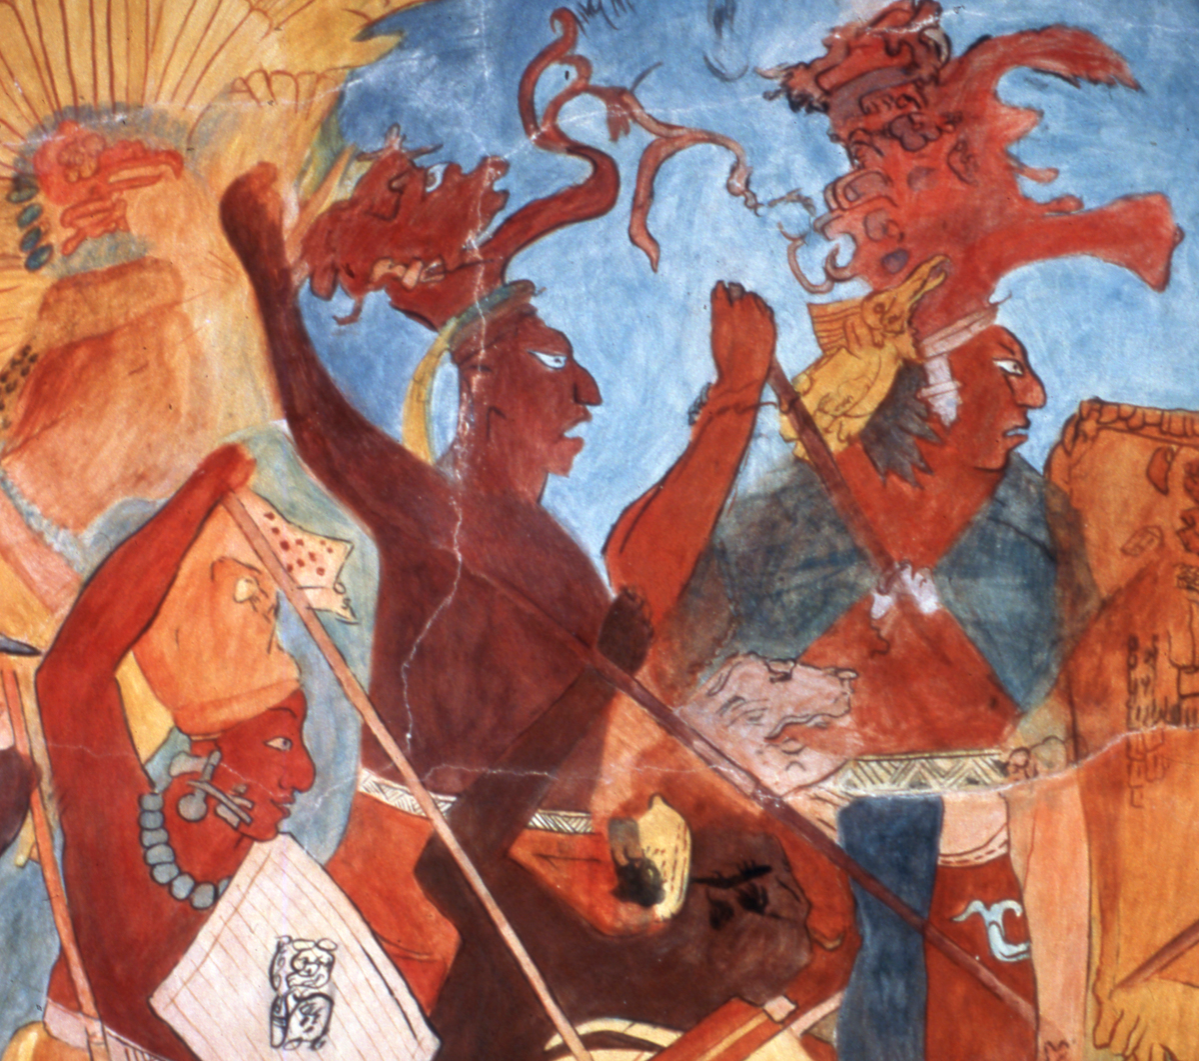 reproduction of ancient maya frescoe.